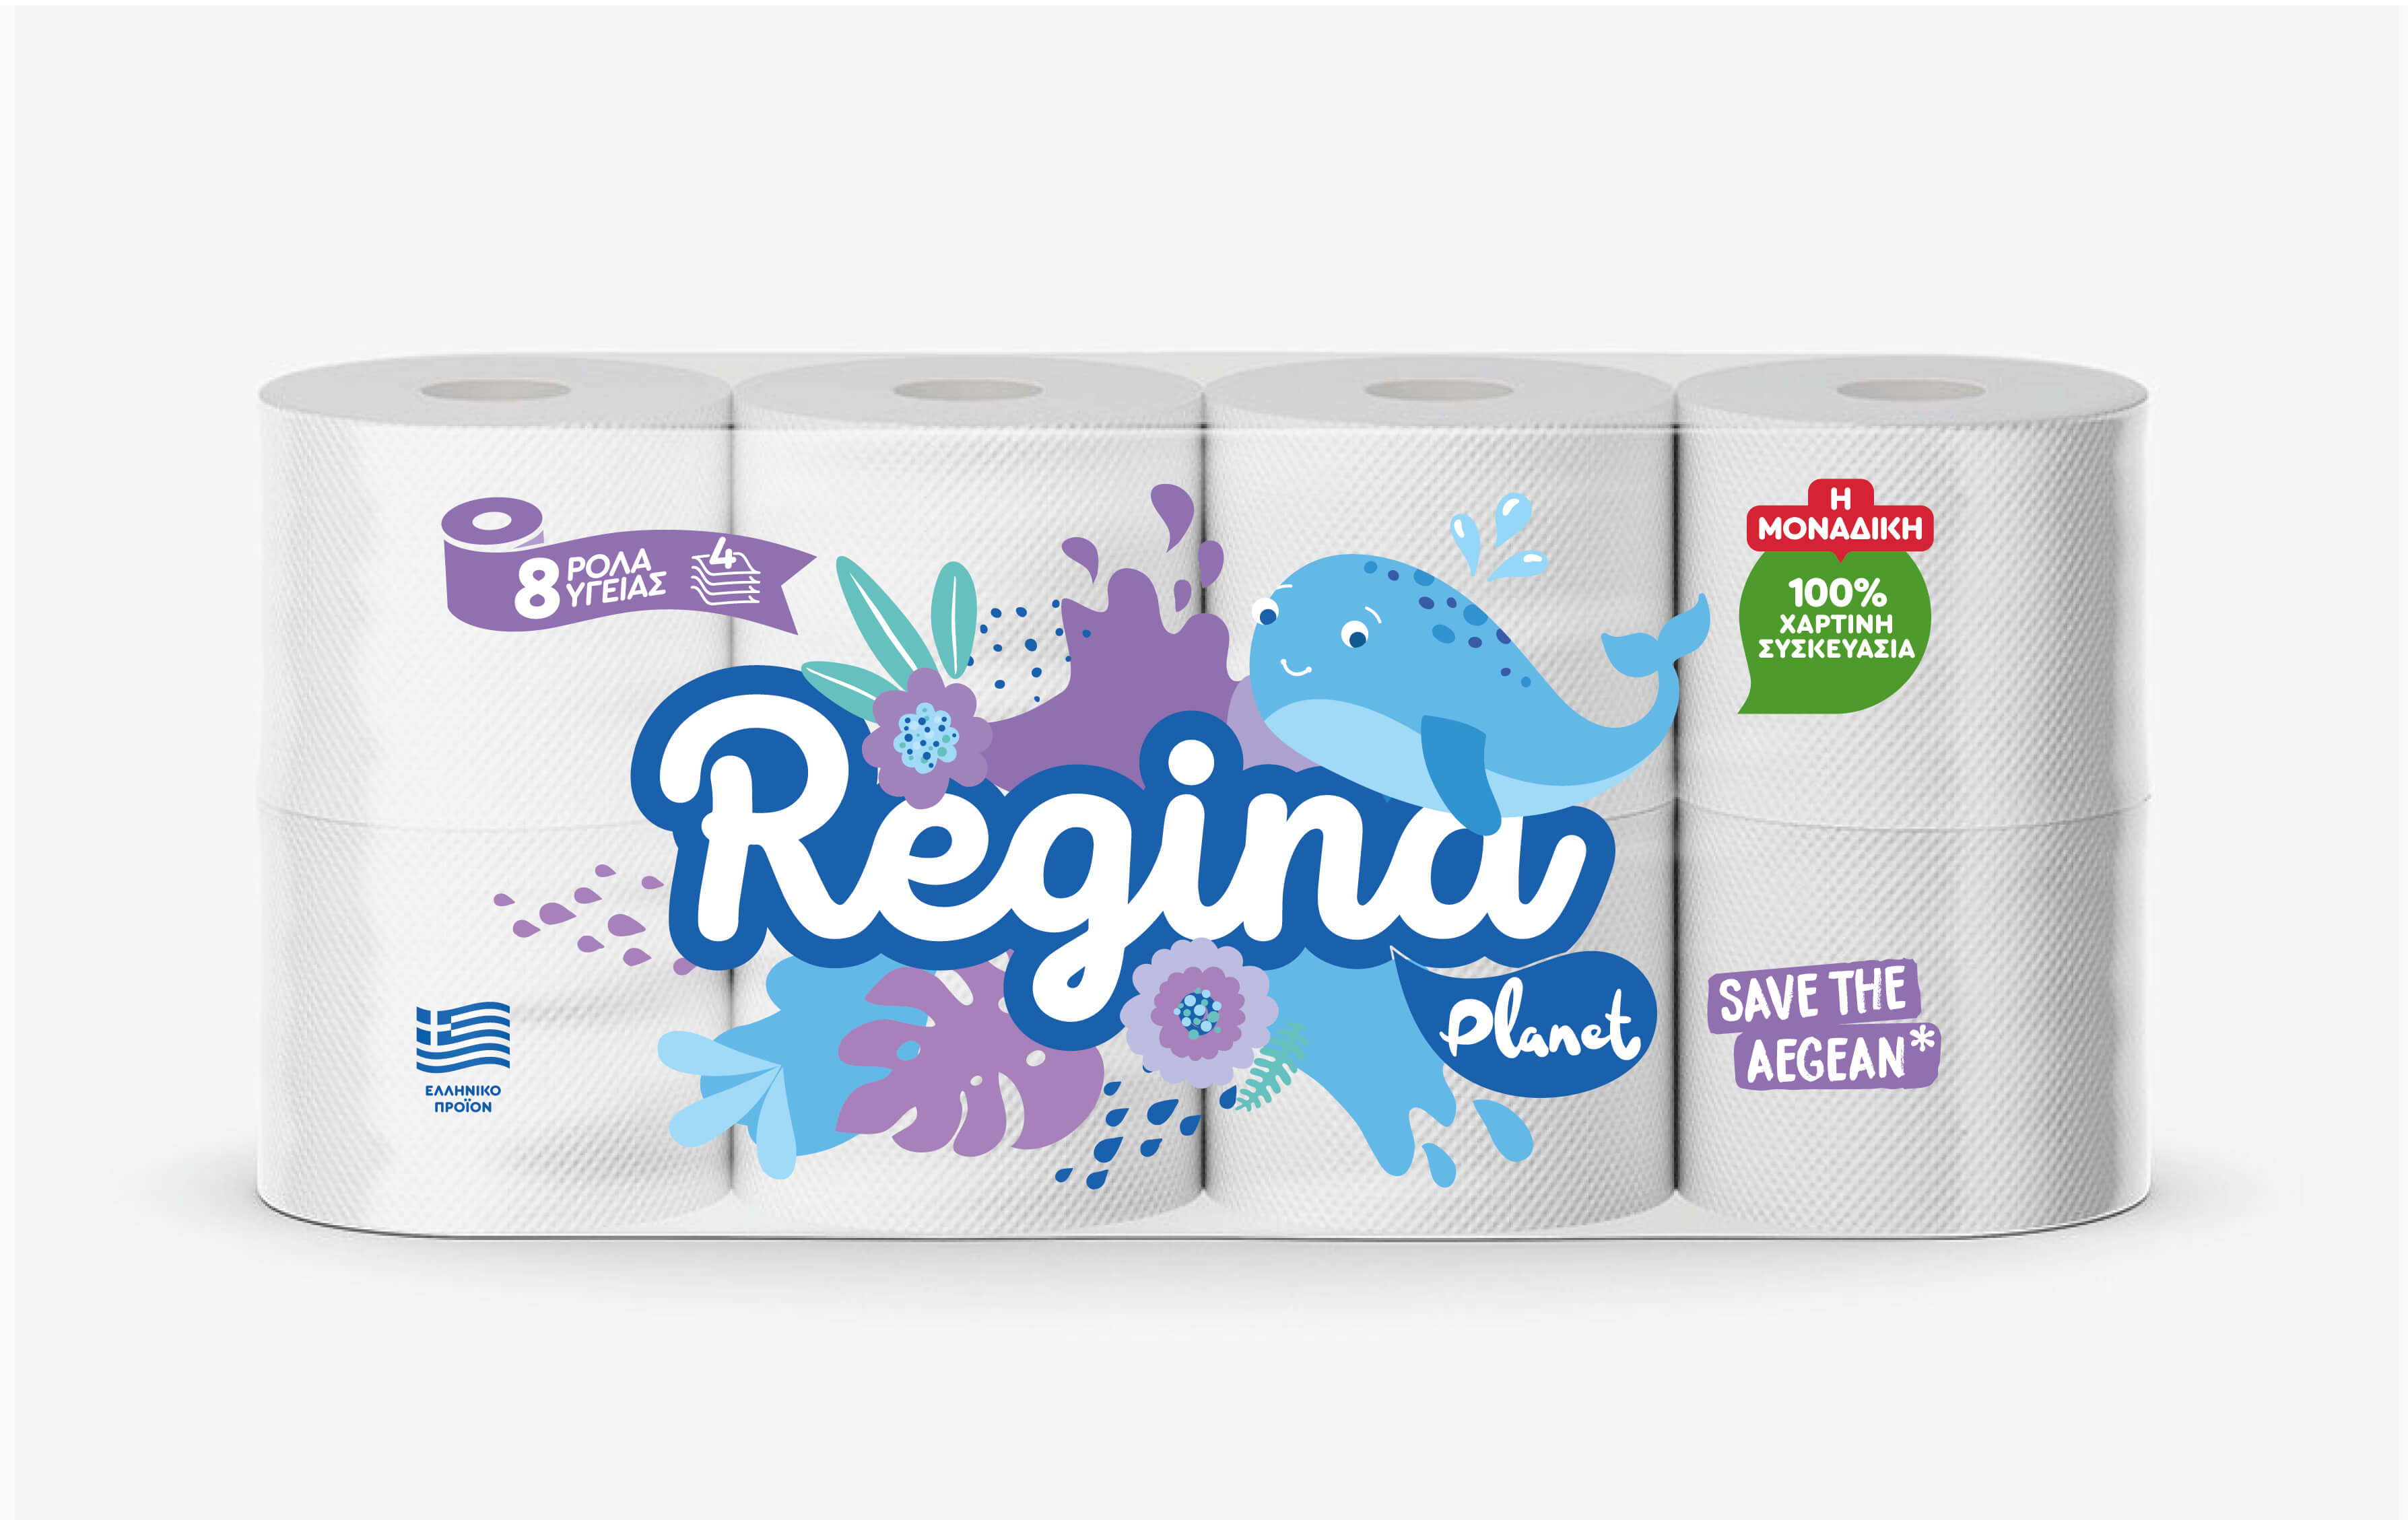 Χαρτί Υγείας 4φυλλο Regina Planet (8 ρολά * 98 g)